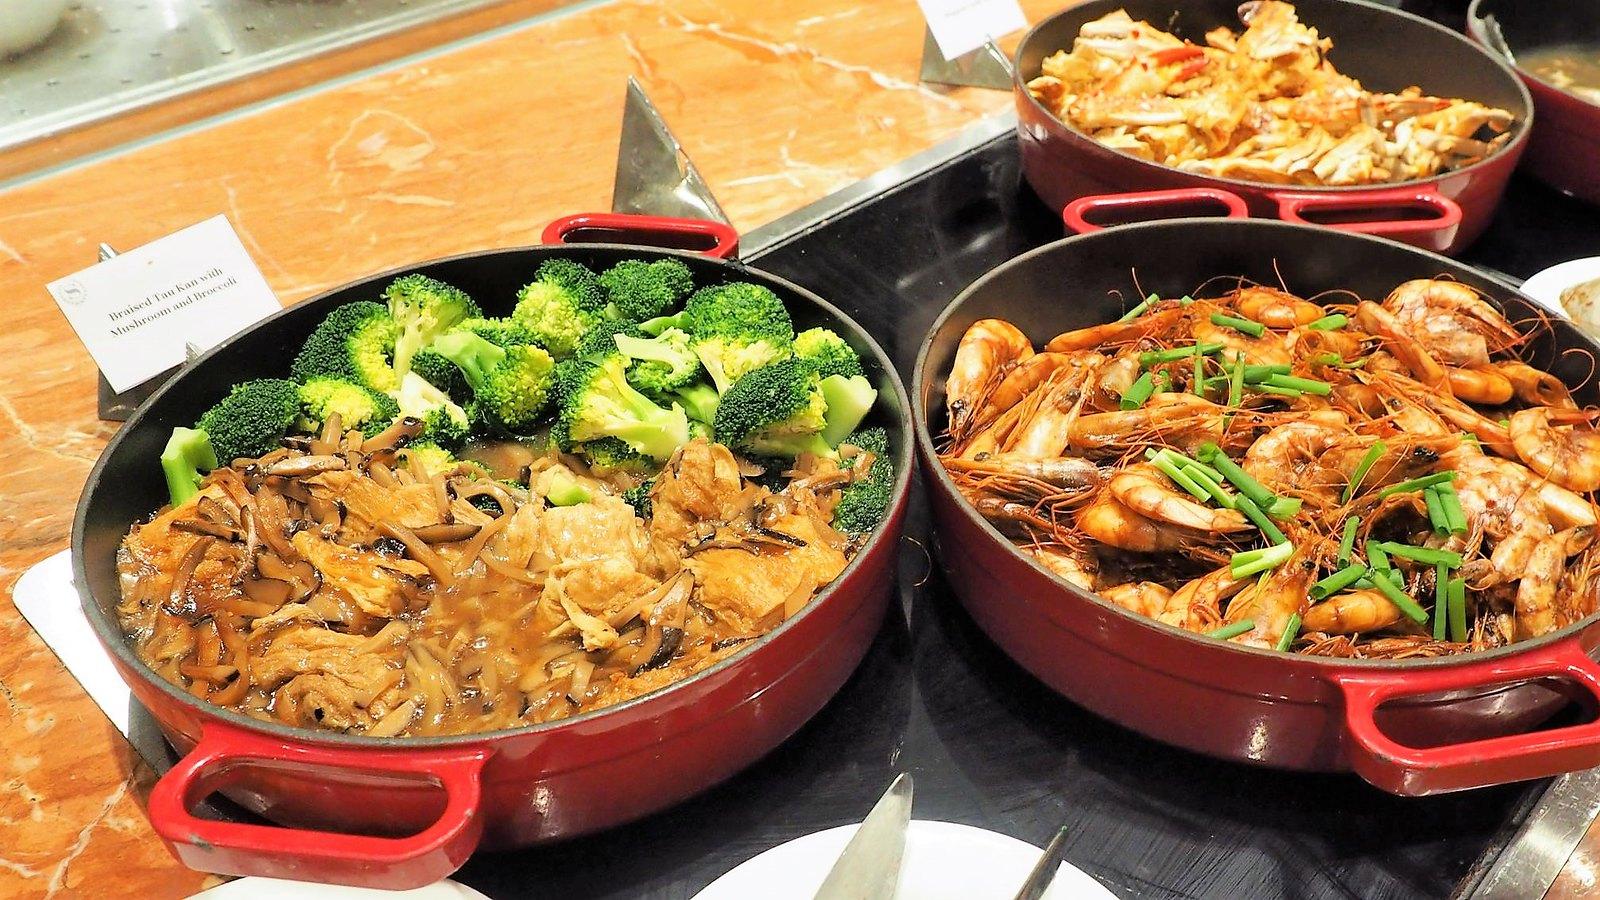 Braised Tau Kan with mushroom and broccoli